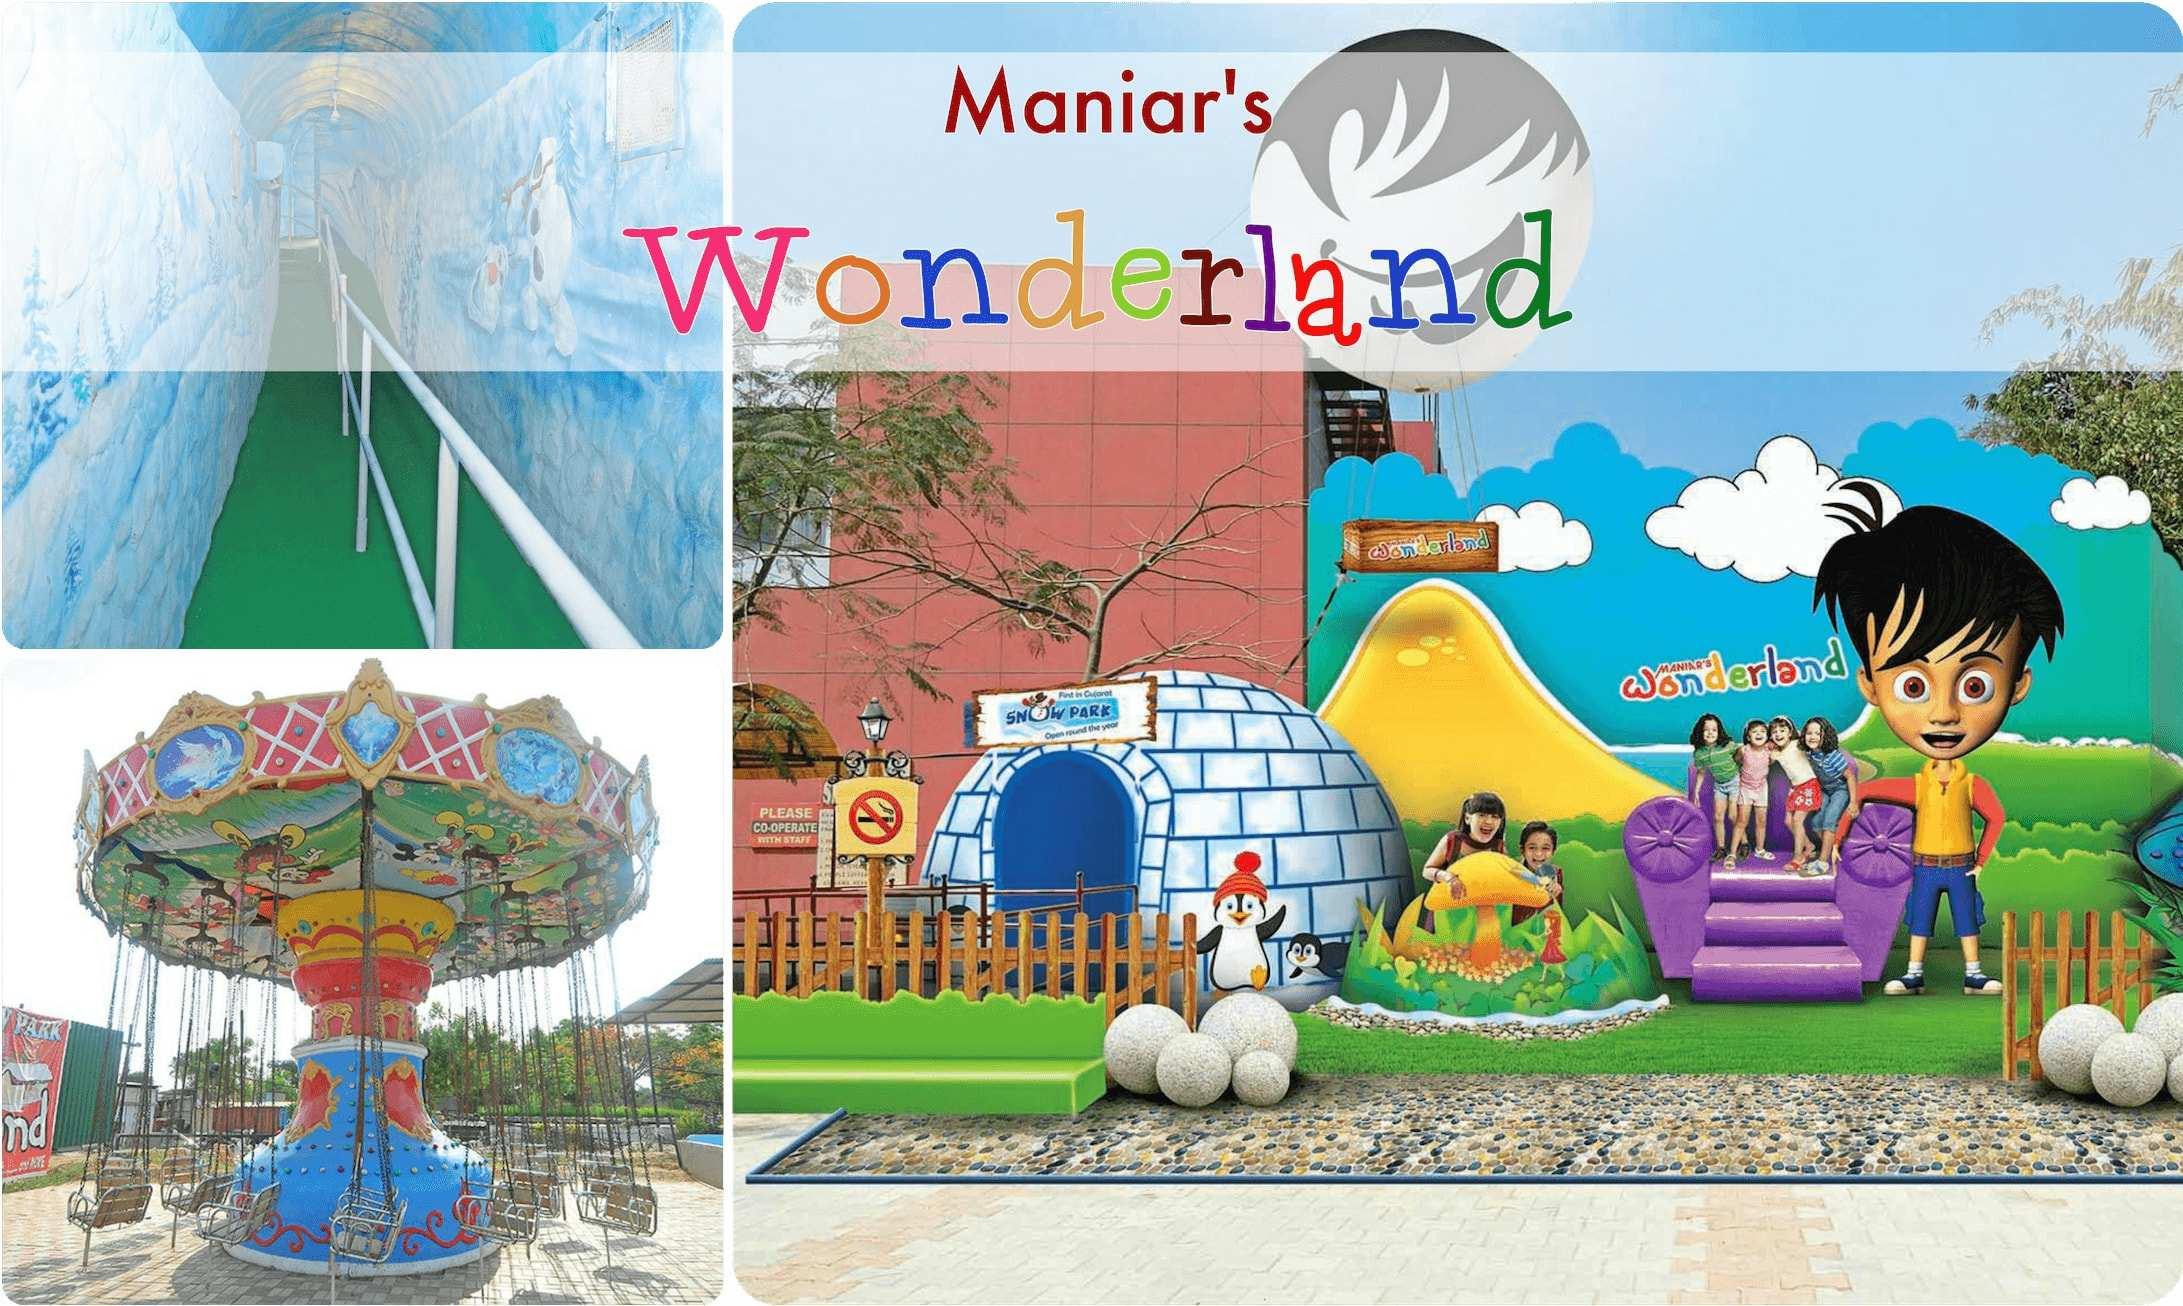 maniars wonderland ahmedabad